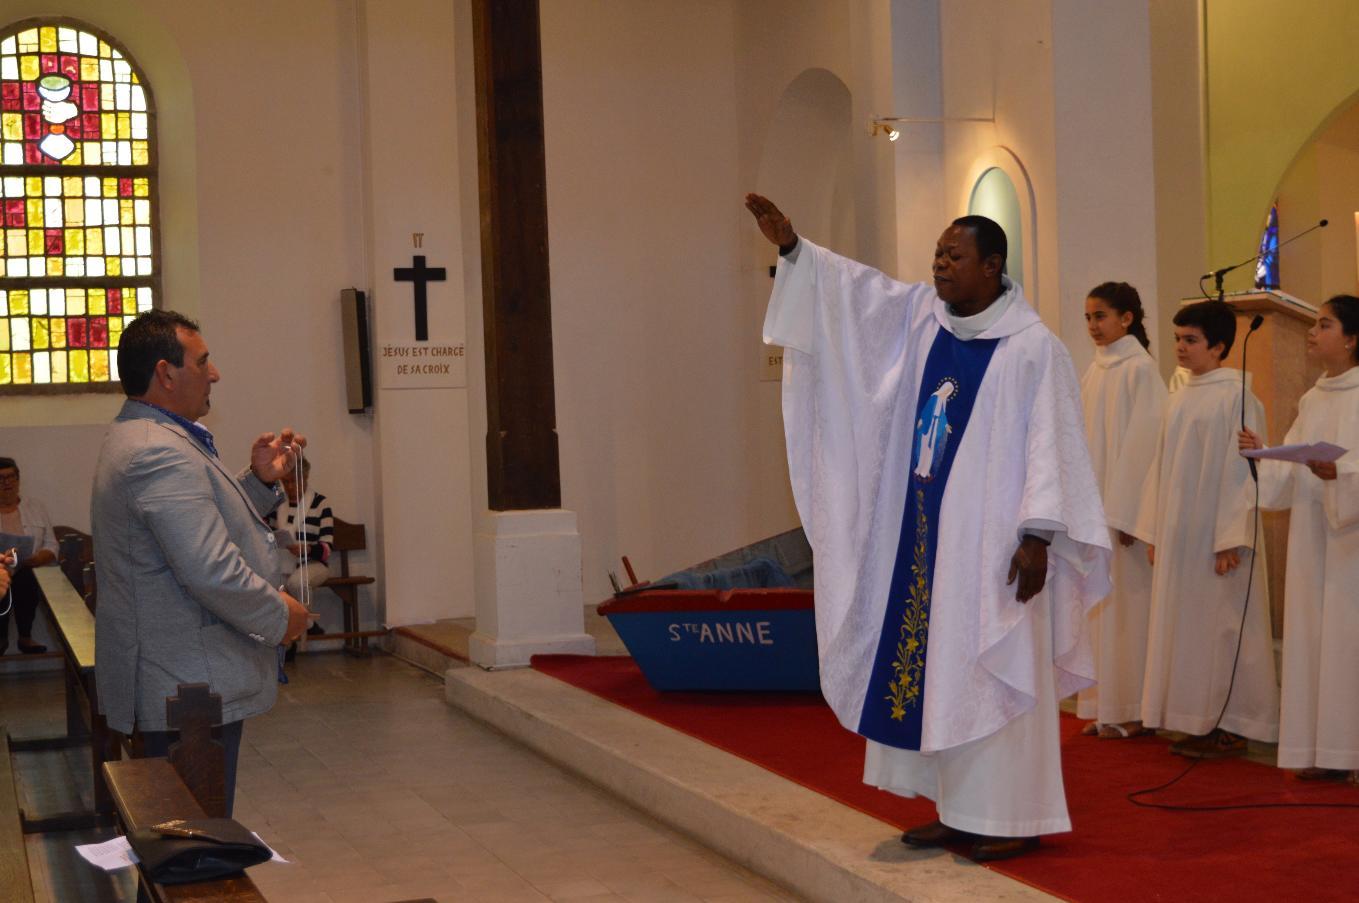 L'abbé Roger bénit les Croix qu'un parent passera au cou de son enfant